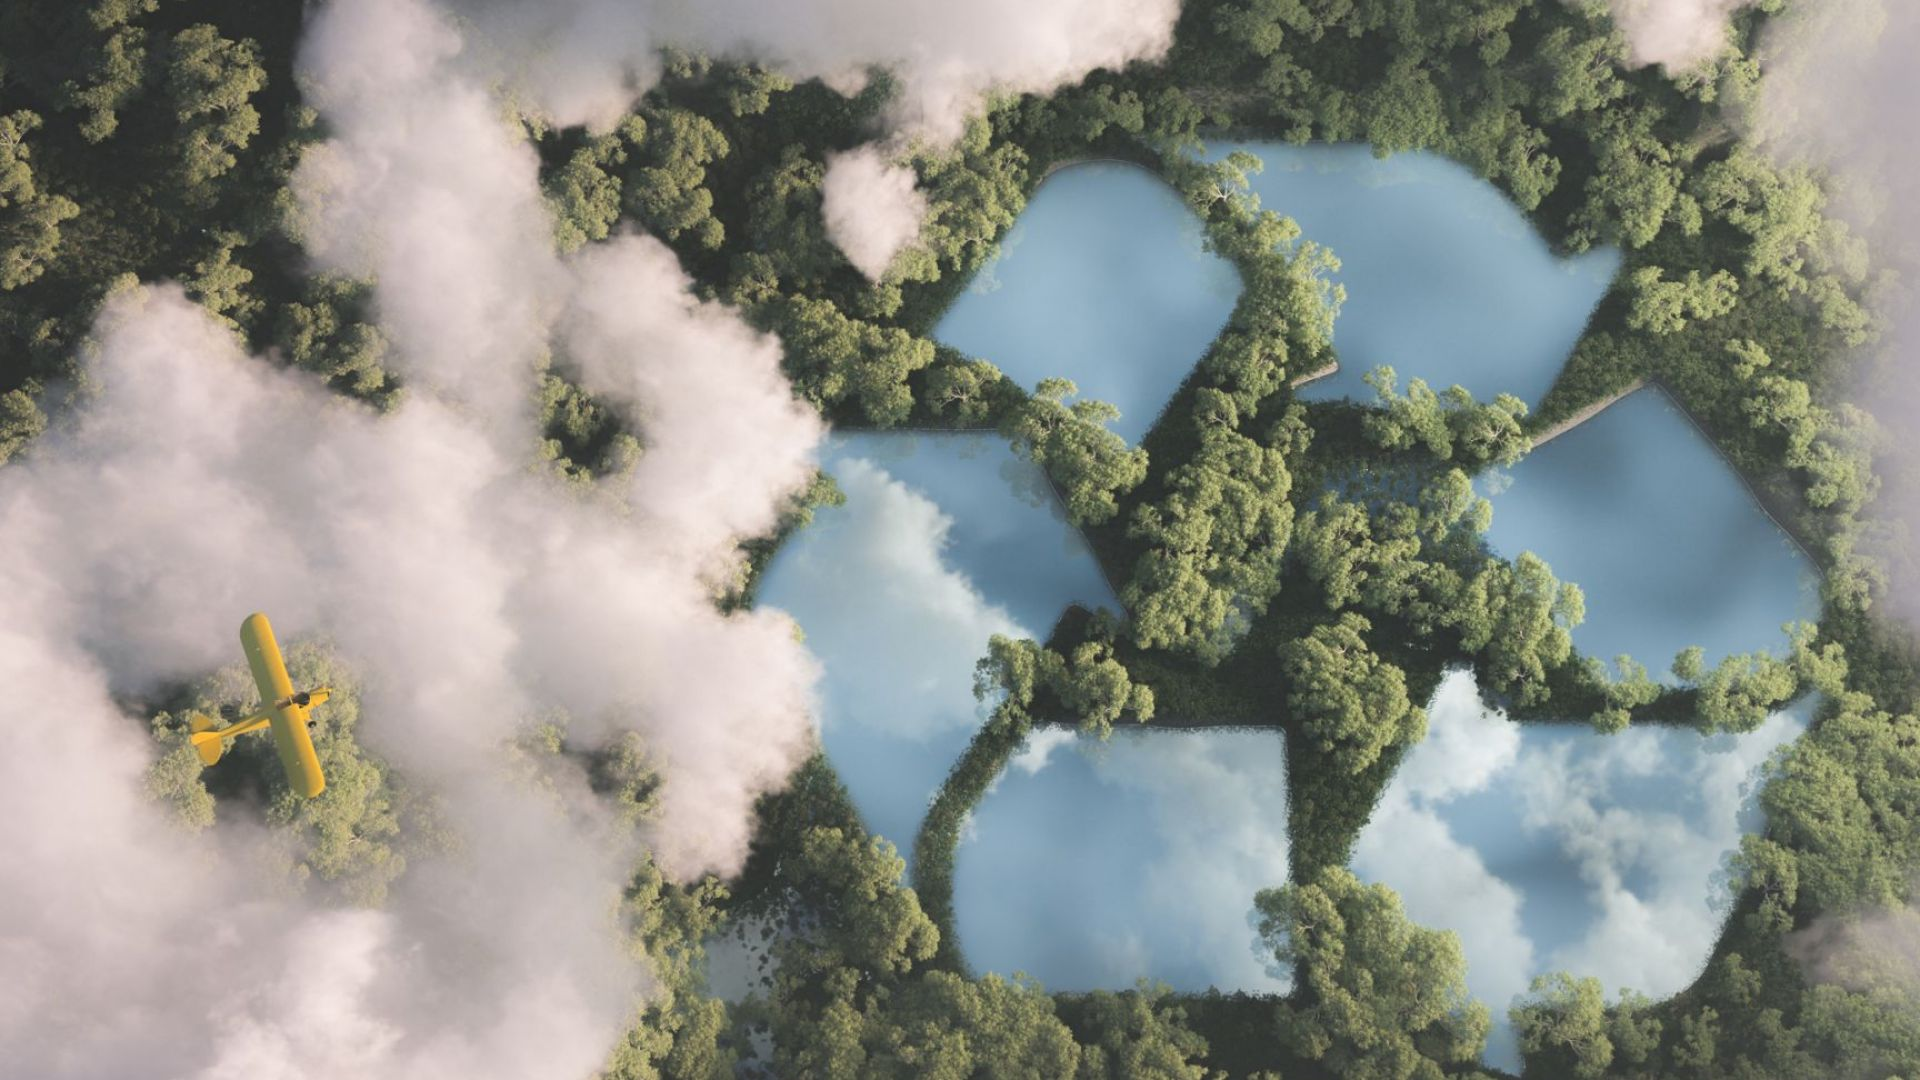 Kлючът към декарбонизацията: производство на водород от малките АЕЦ чрез топлинни технологии